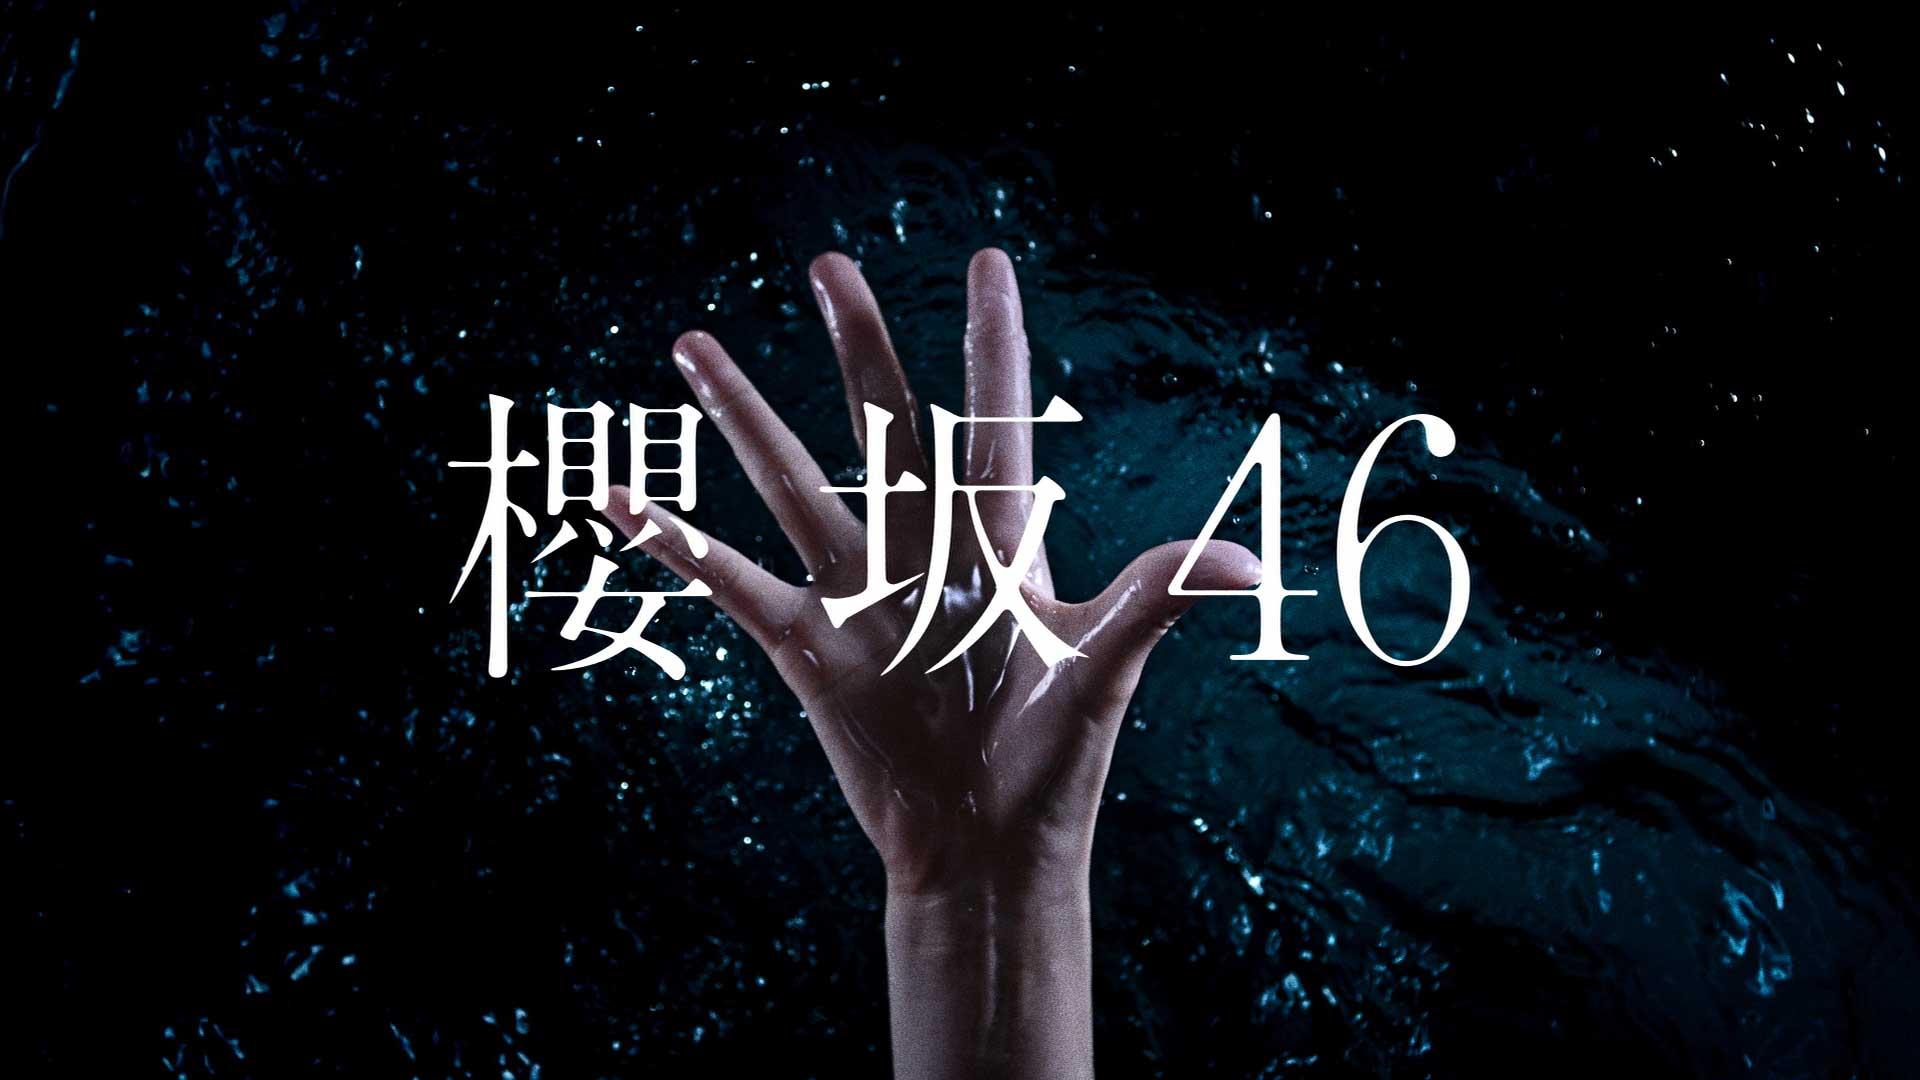 欅坂46 新グループ名発表SPOT「欅坂46を、超えろ。」